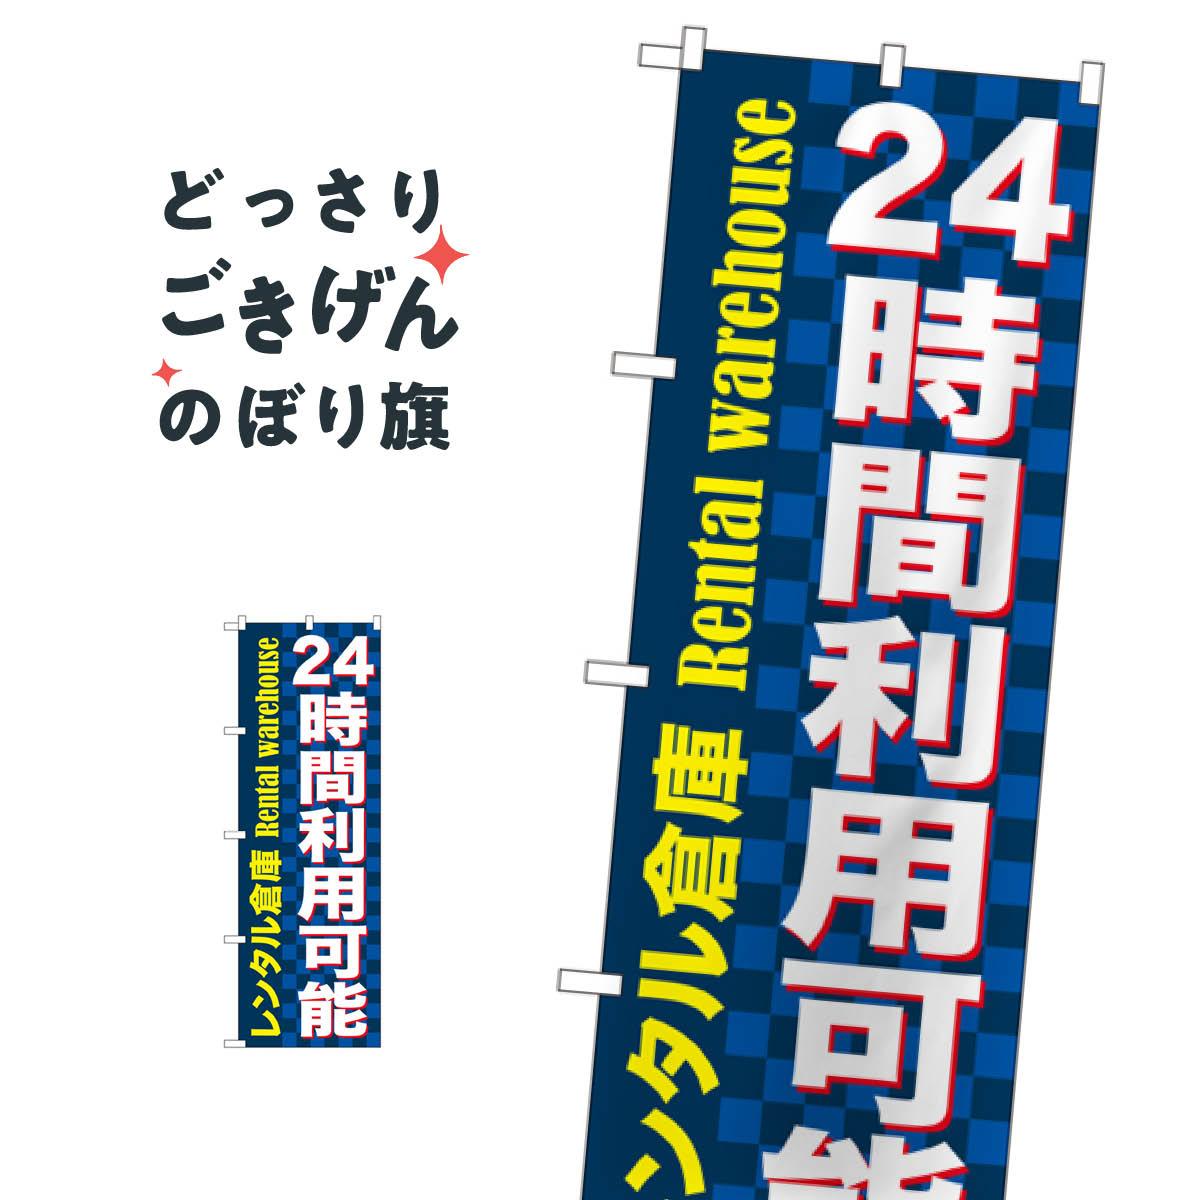 レンタル倉庫24時間利用可能 のぼり旗 GNB-1999 貸し物件